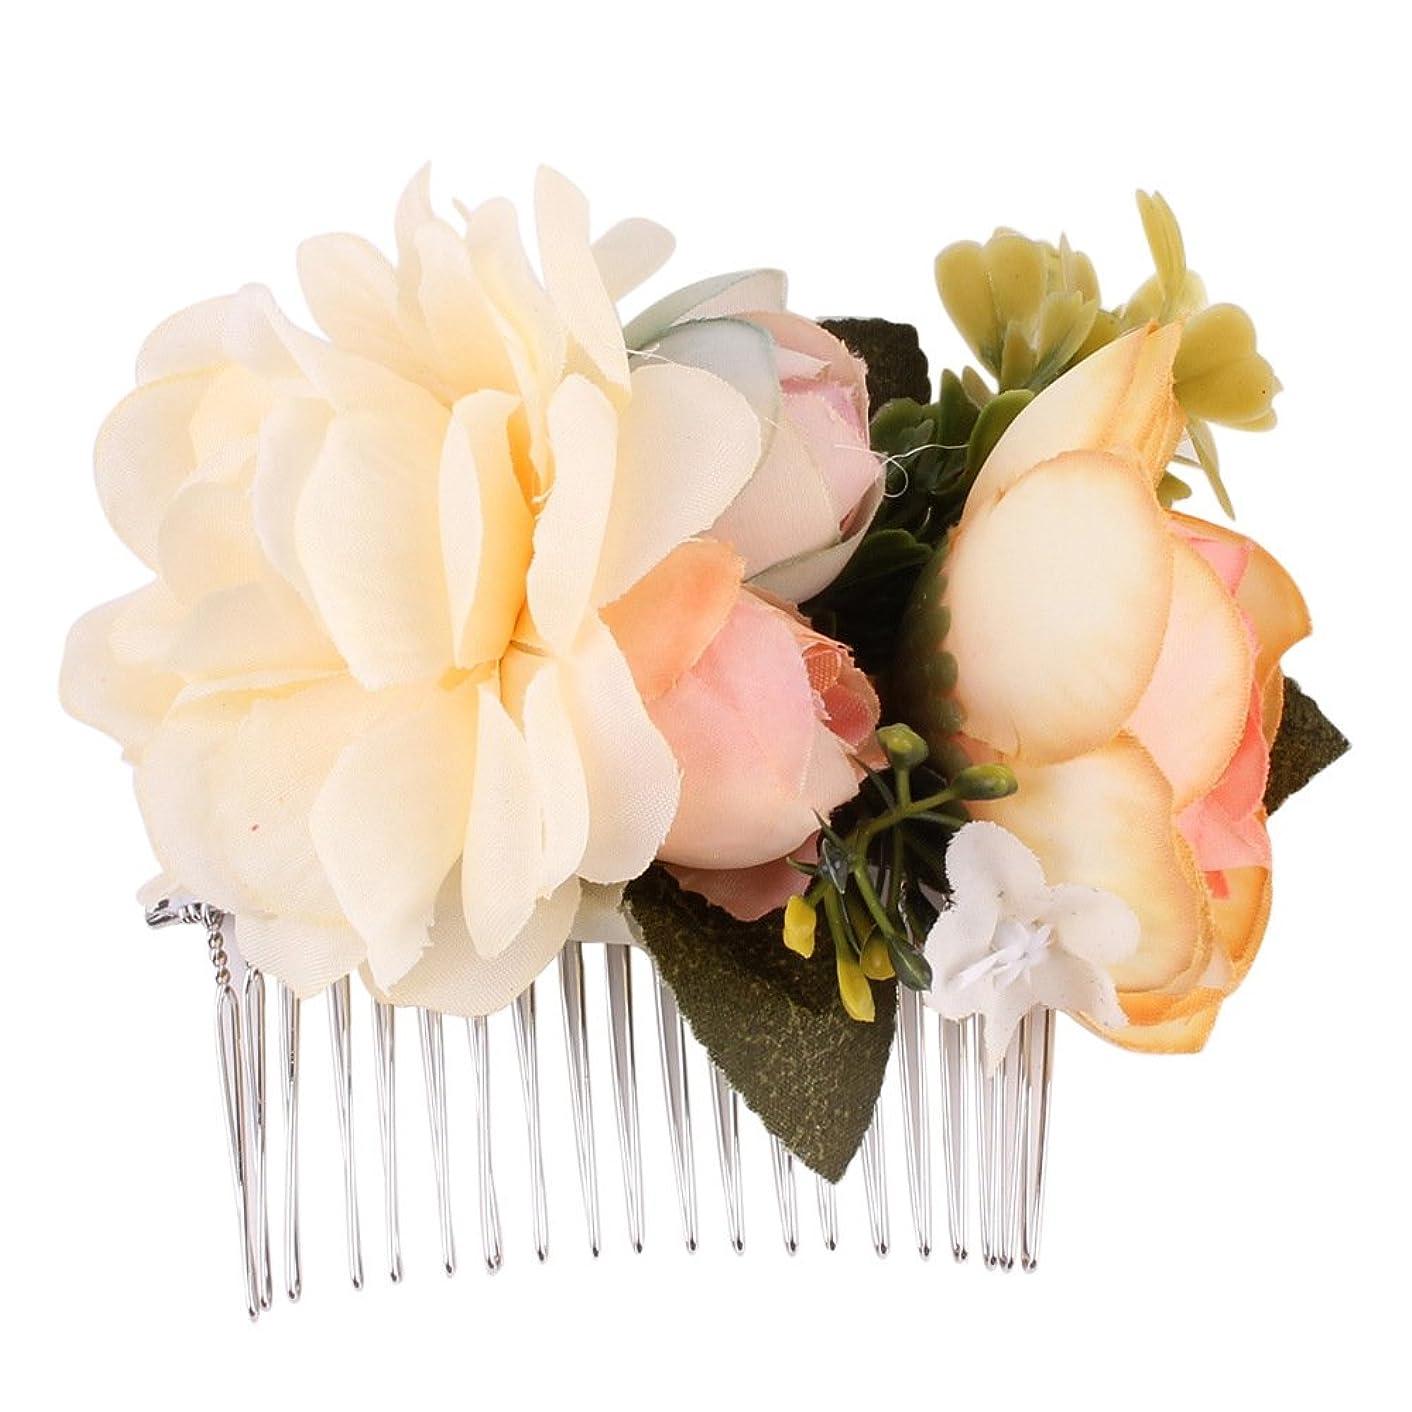 北方ミントクリーナー1st market プレミアム品質の花嫁結婚式ヘアピンクリップ櫛布花花嫁介添人ヘアスタイリングアクセサリー、ベージュ